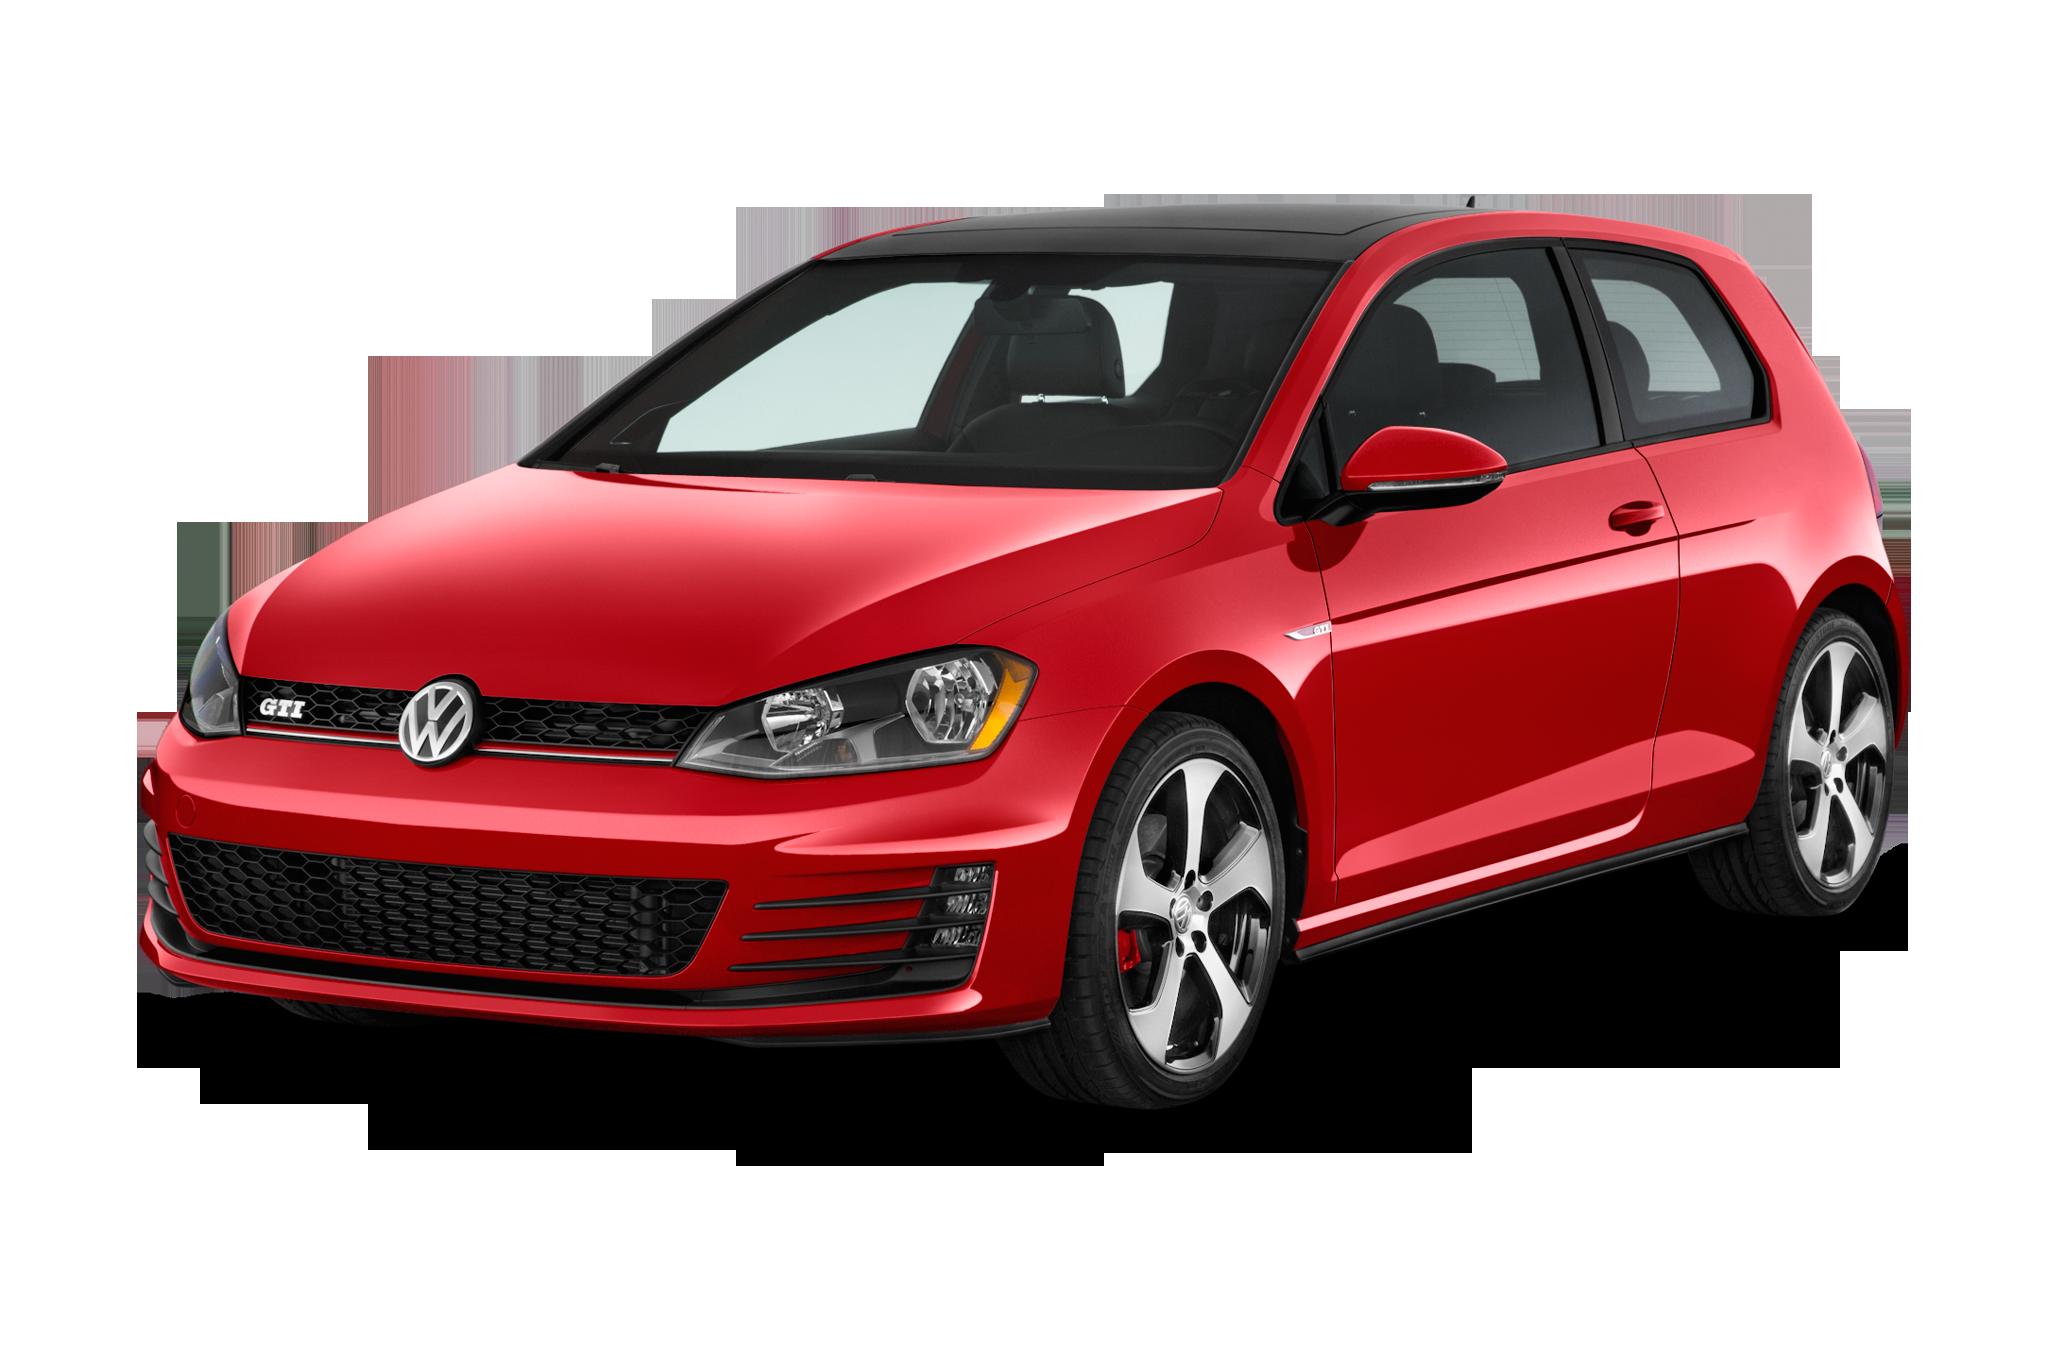 2015-volkswagen-gti-se-2-door-hatchback-angular-front